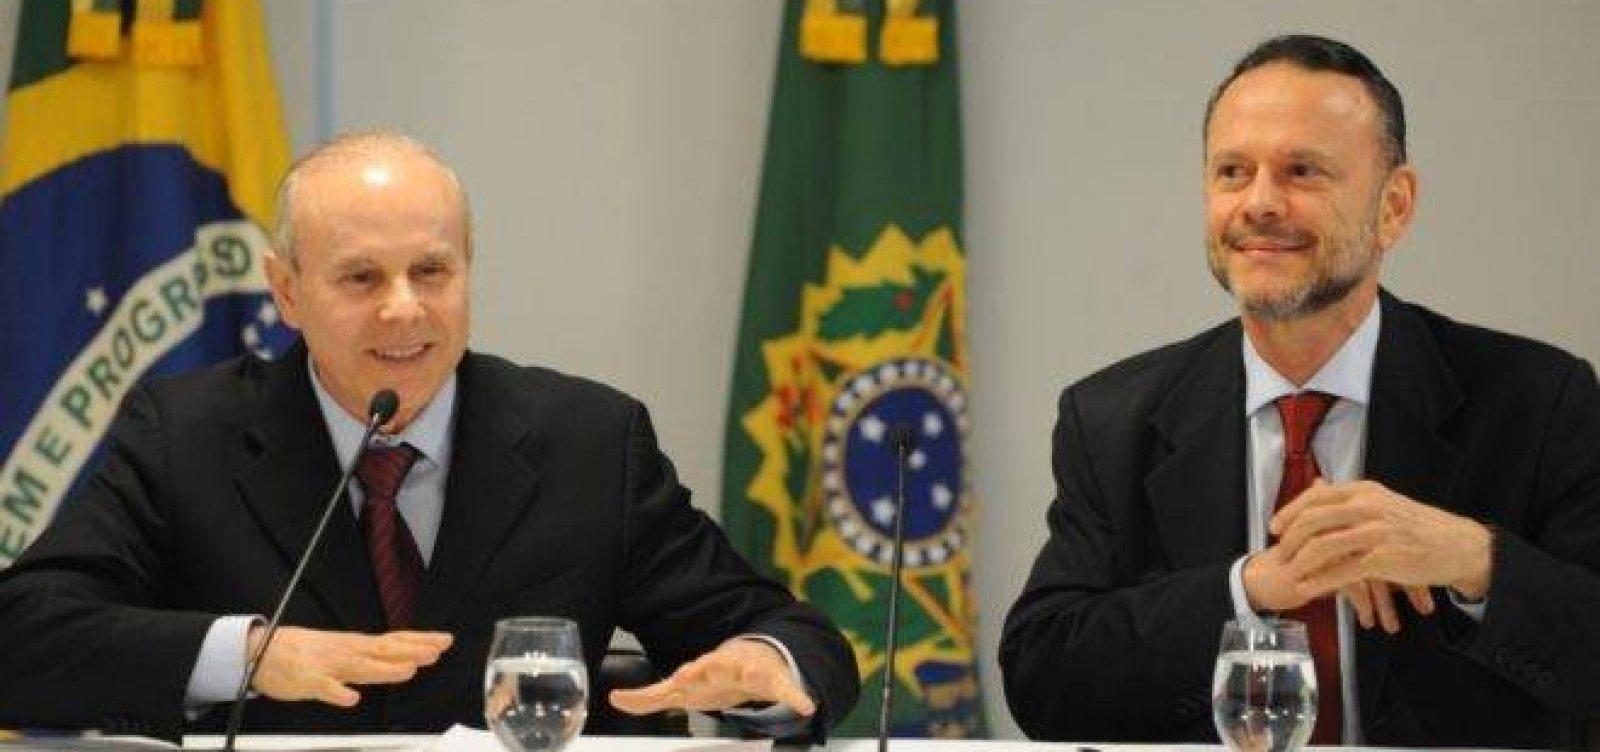 [Mantega e Coutinho viram réus por fraude em repasses do BNDES]